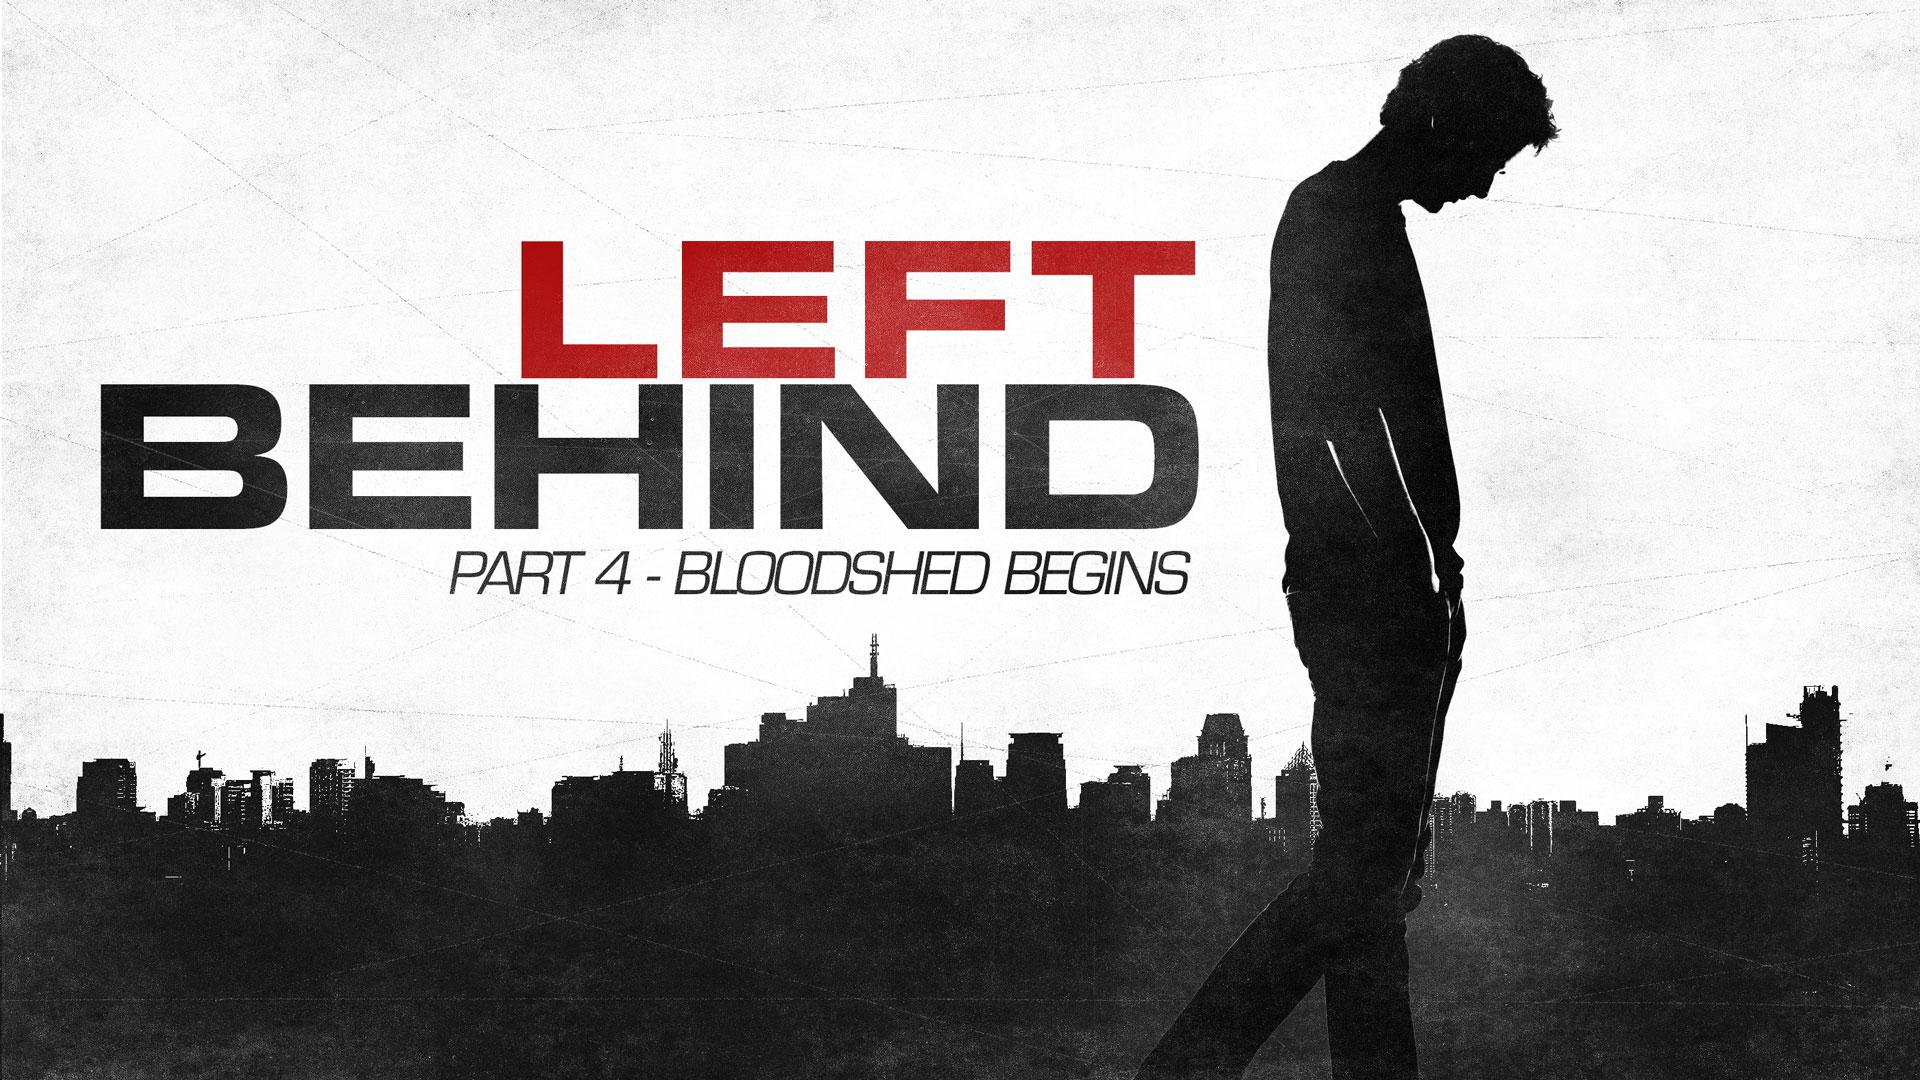 Left Behind – Part 4 – Bloodshed Begins